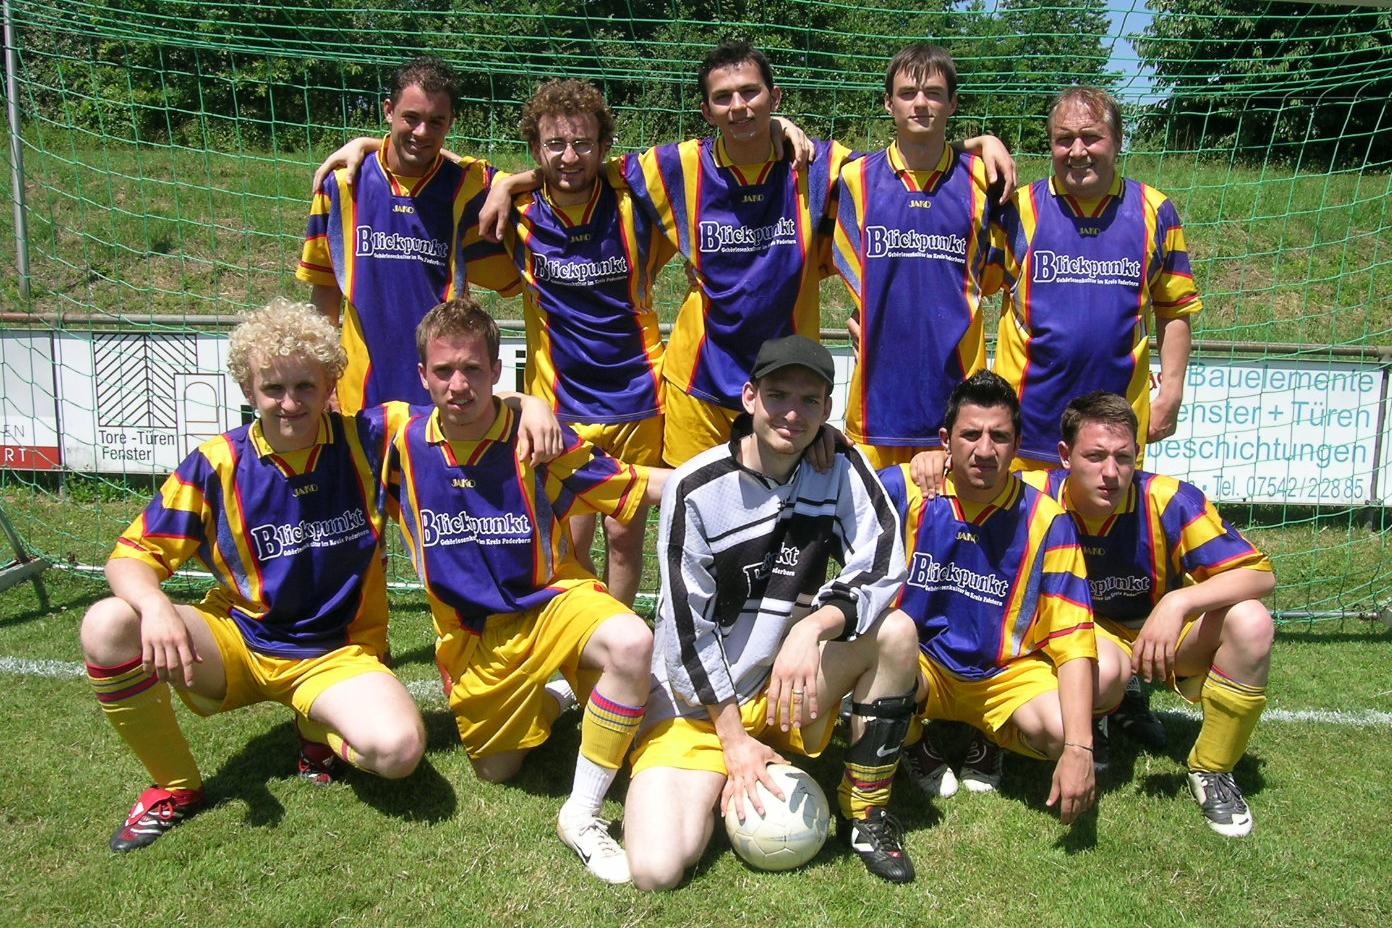 GSC Paderborn